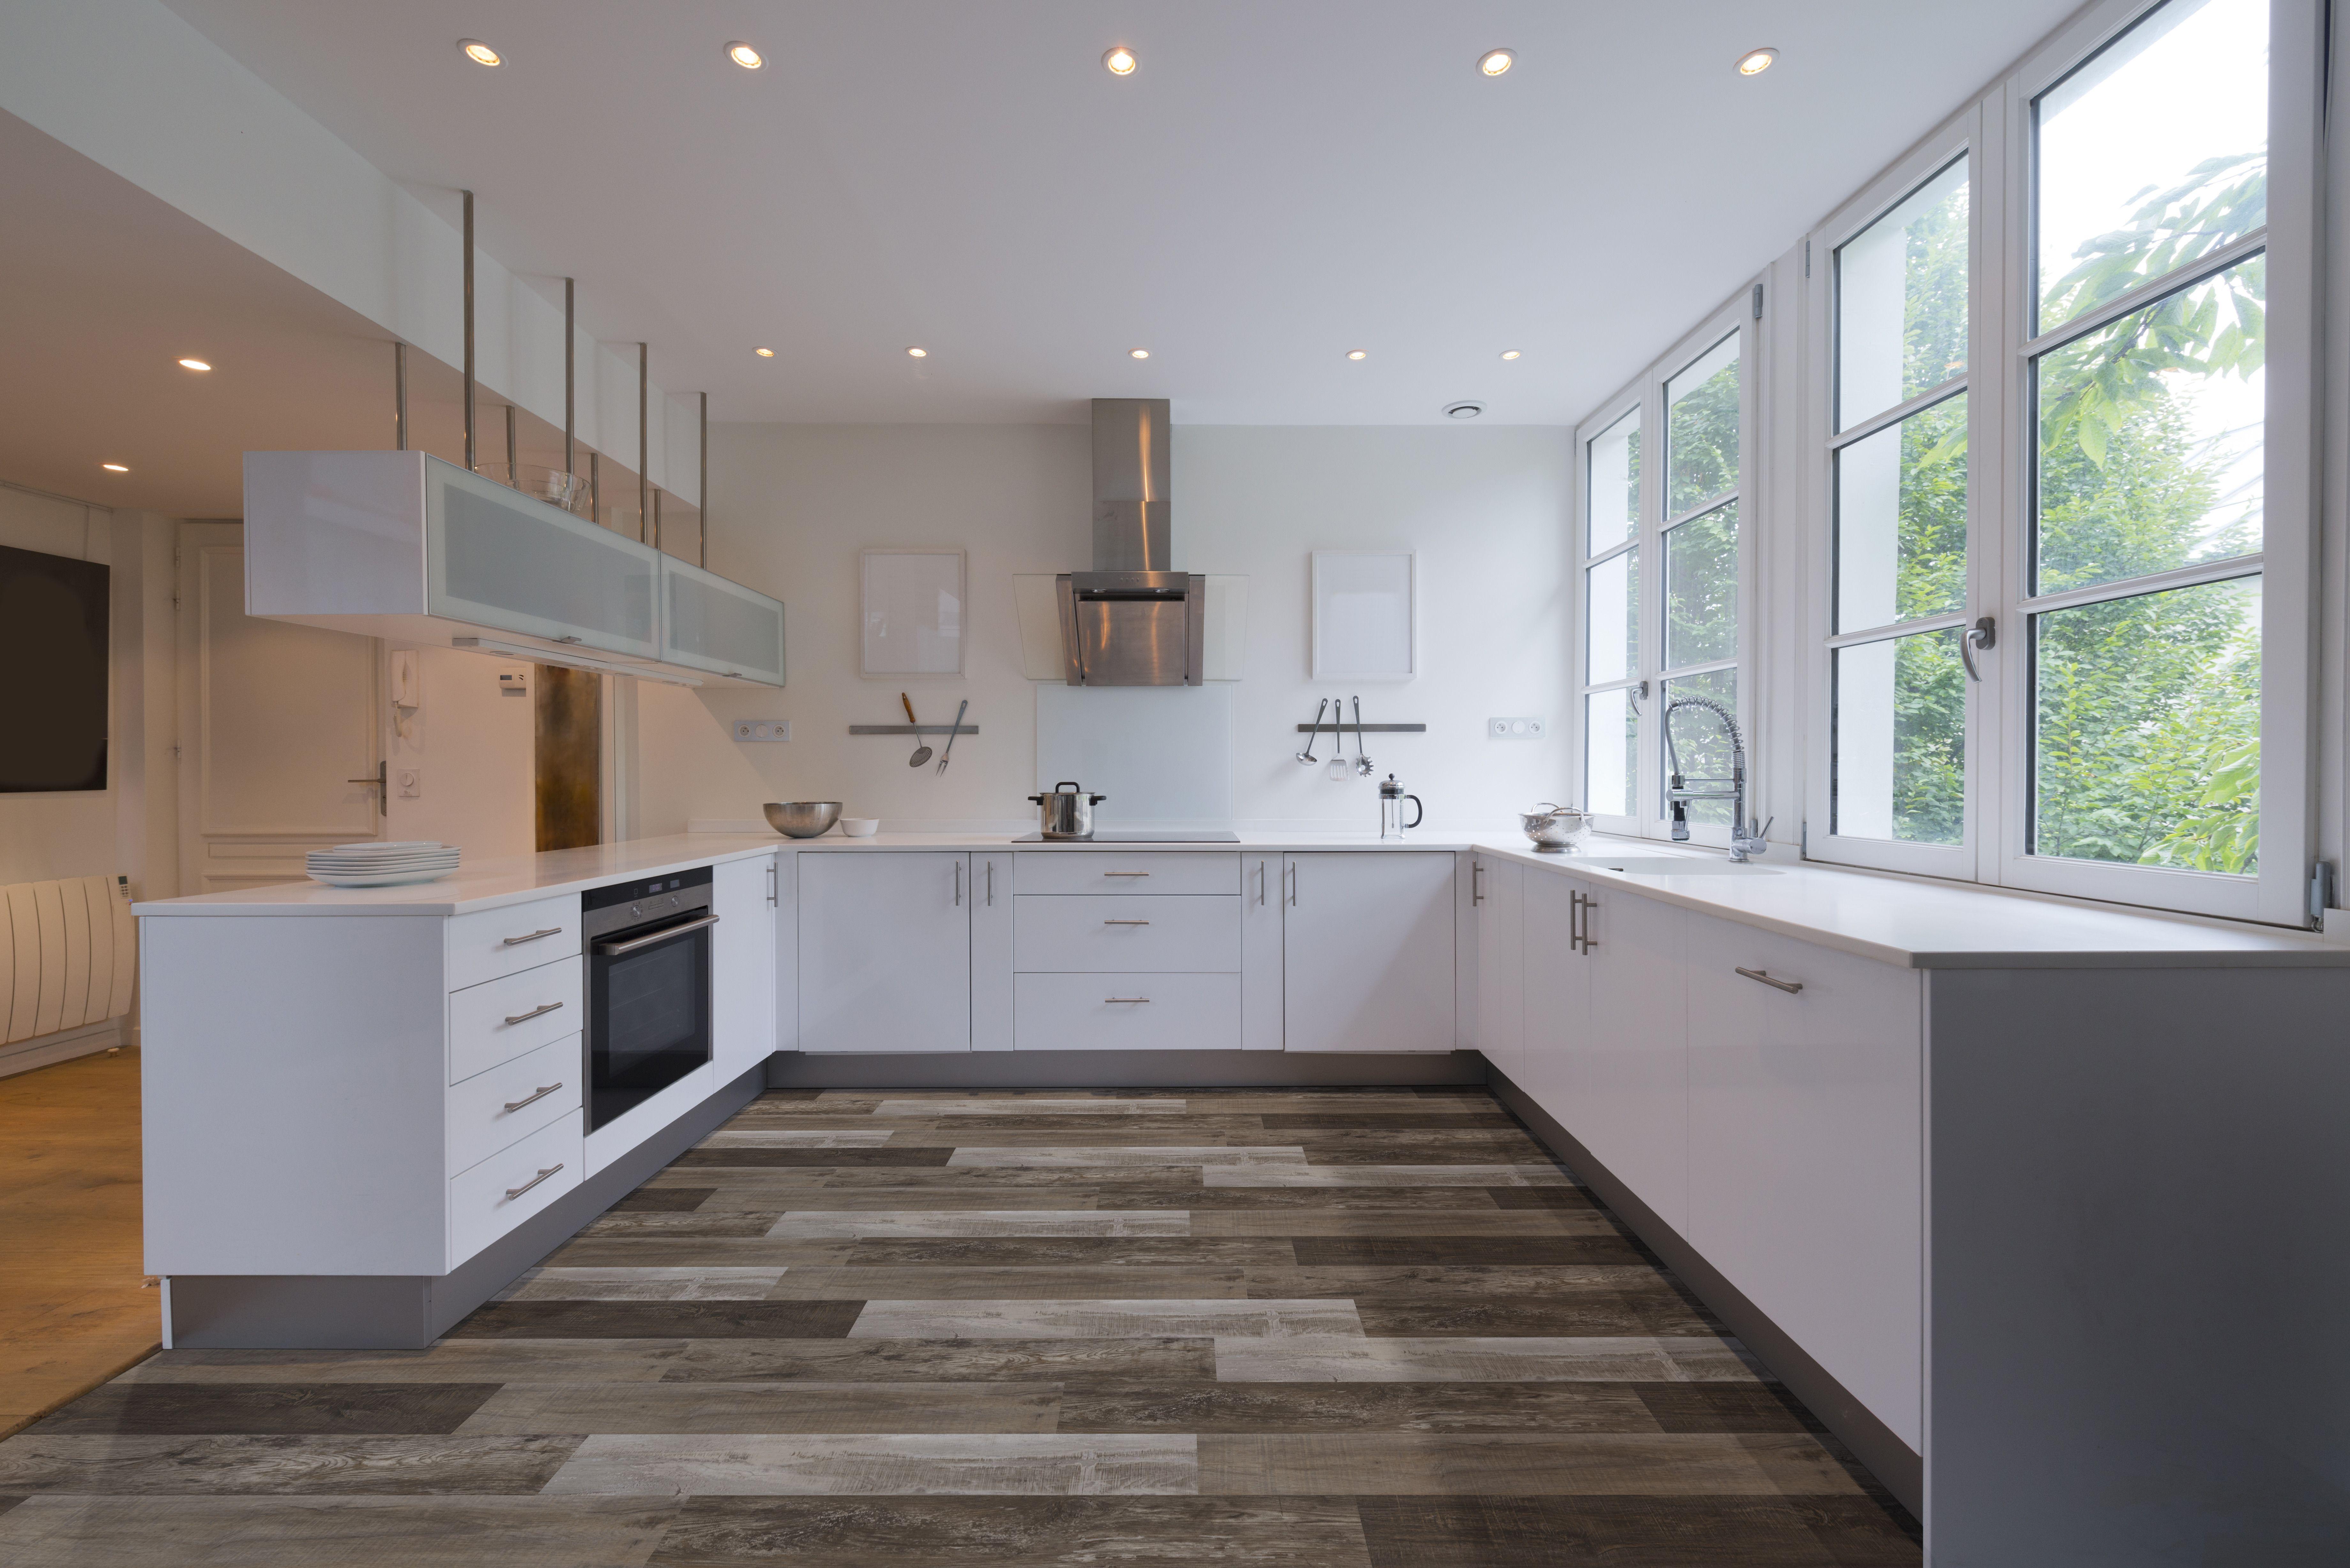 Lvt Luxury Vinyl Tile Outdoor Kitchen Countertops Countertops Outdoor Kitchen Design